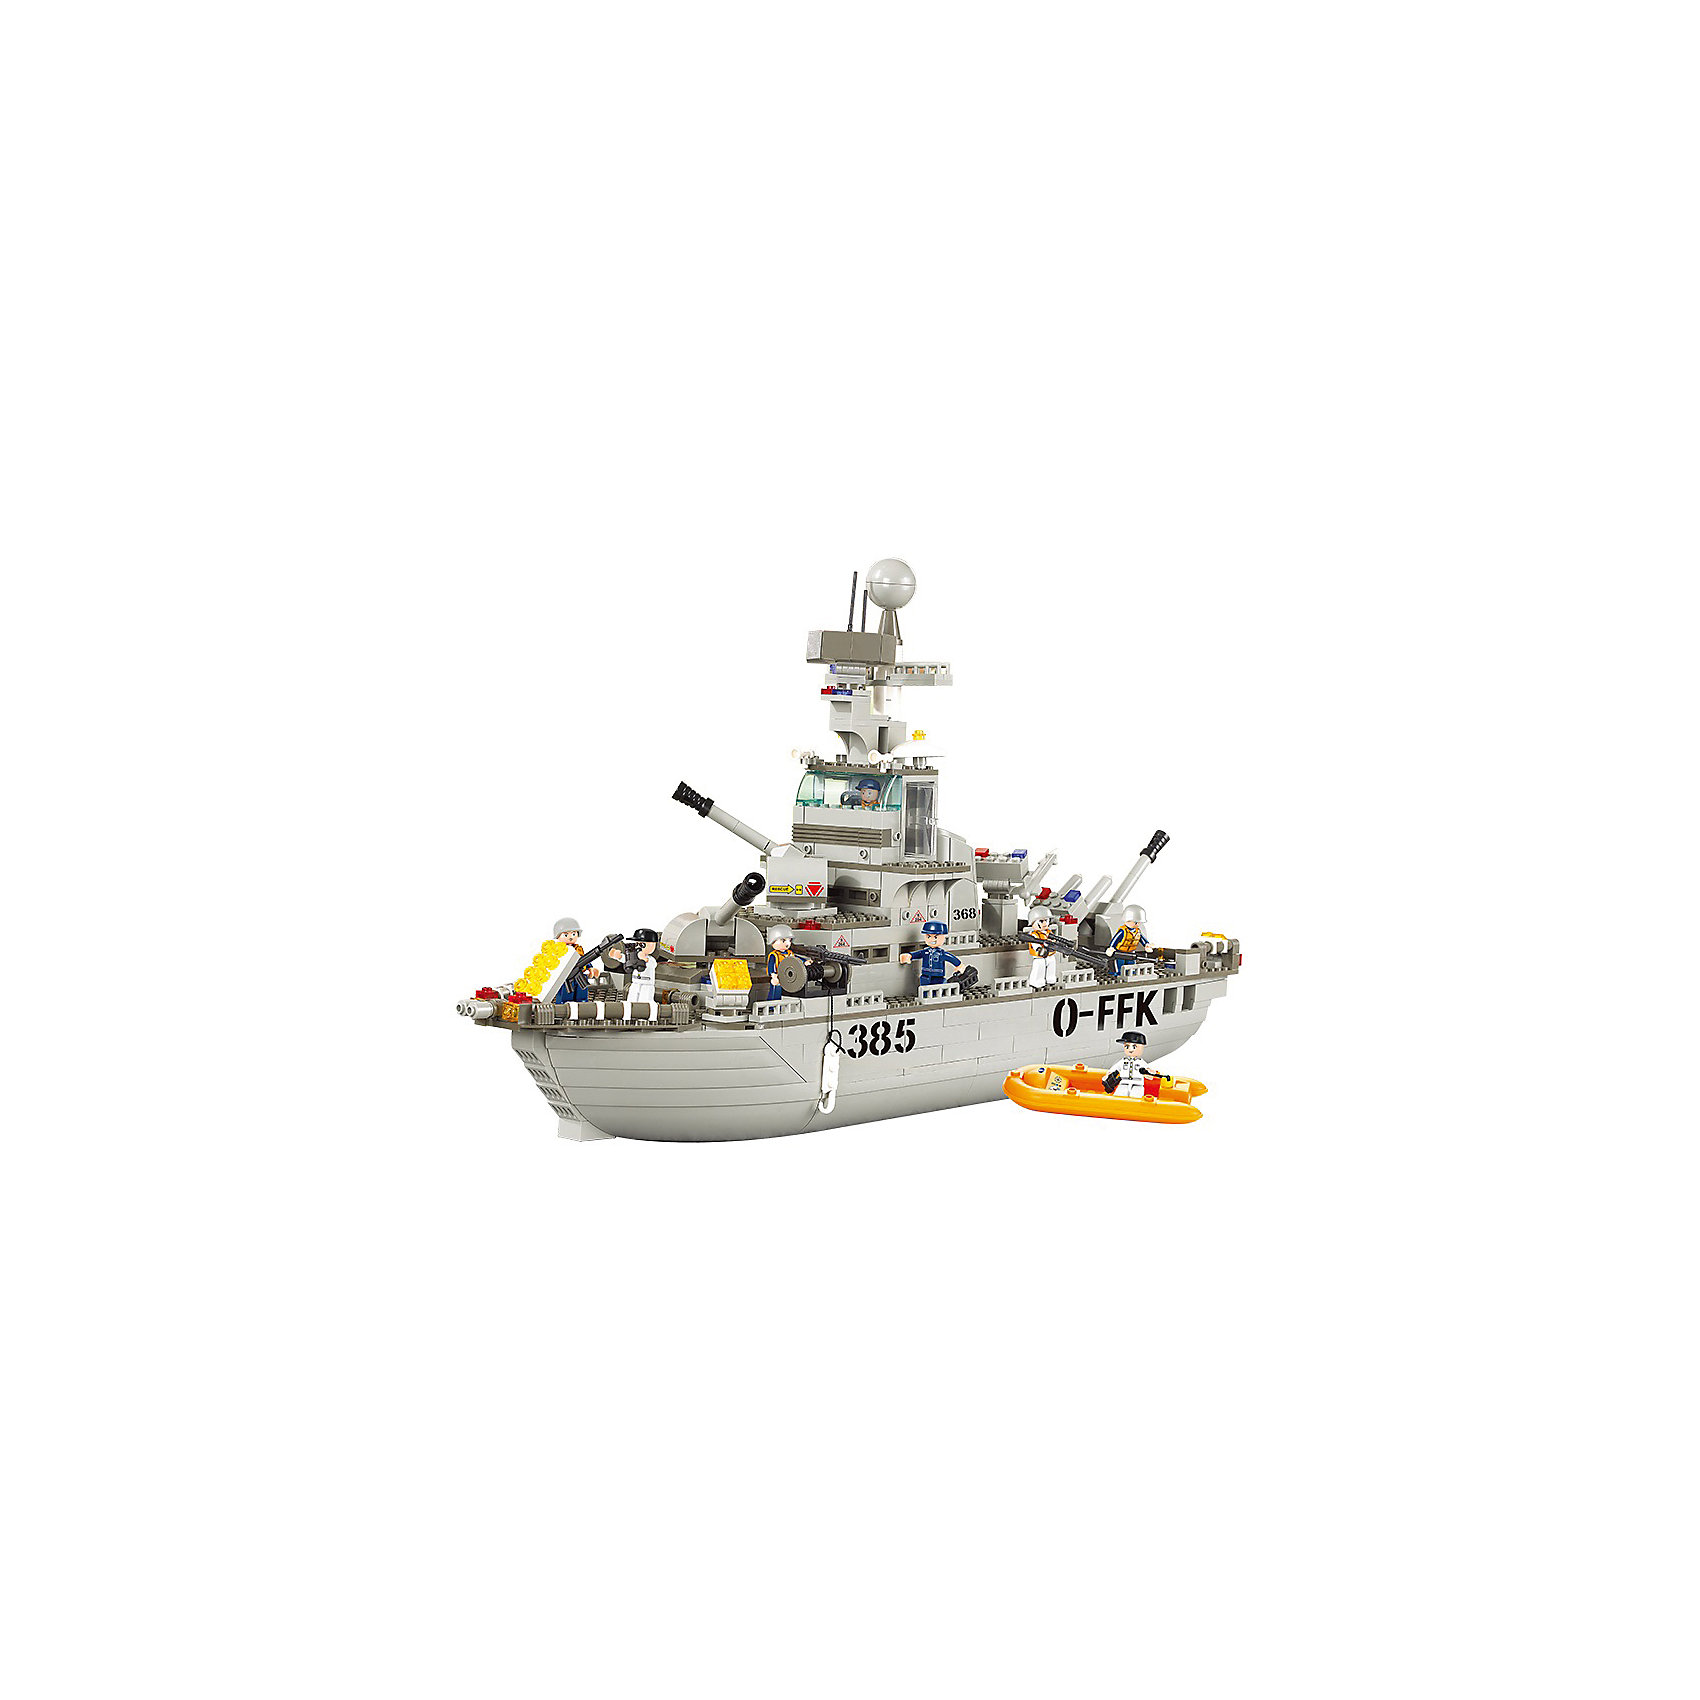 Конструктор Военно-морская серия: Спасательная операция, SlubanПластмассовые конструкторы<br>В наборе: корабль, спасательная лодка, фигурки людей, 577 деталей<br><br>Ширина мм: 545<br>Глубина мм: 425<br>Высота мм: 85<br>Вес г: 2830<br>Возраст от месяцев: 72<br>Возраст до месяцев: 1188<br>Пол: Мужской<br>Возраст: Детский<br>SKU: 5005637